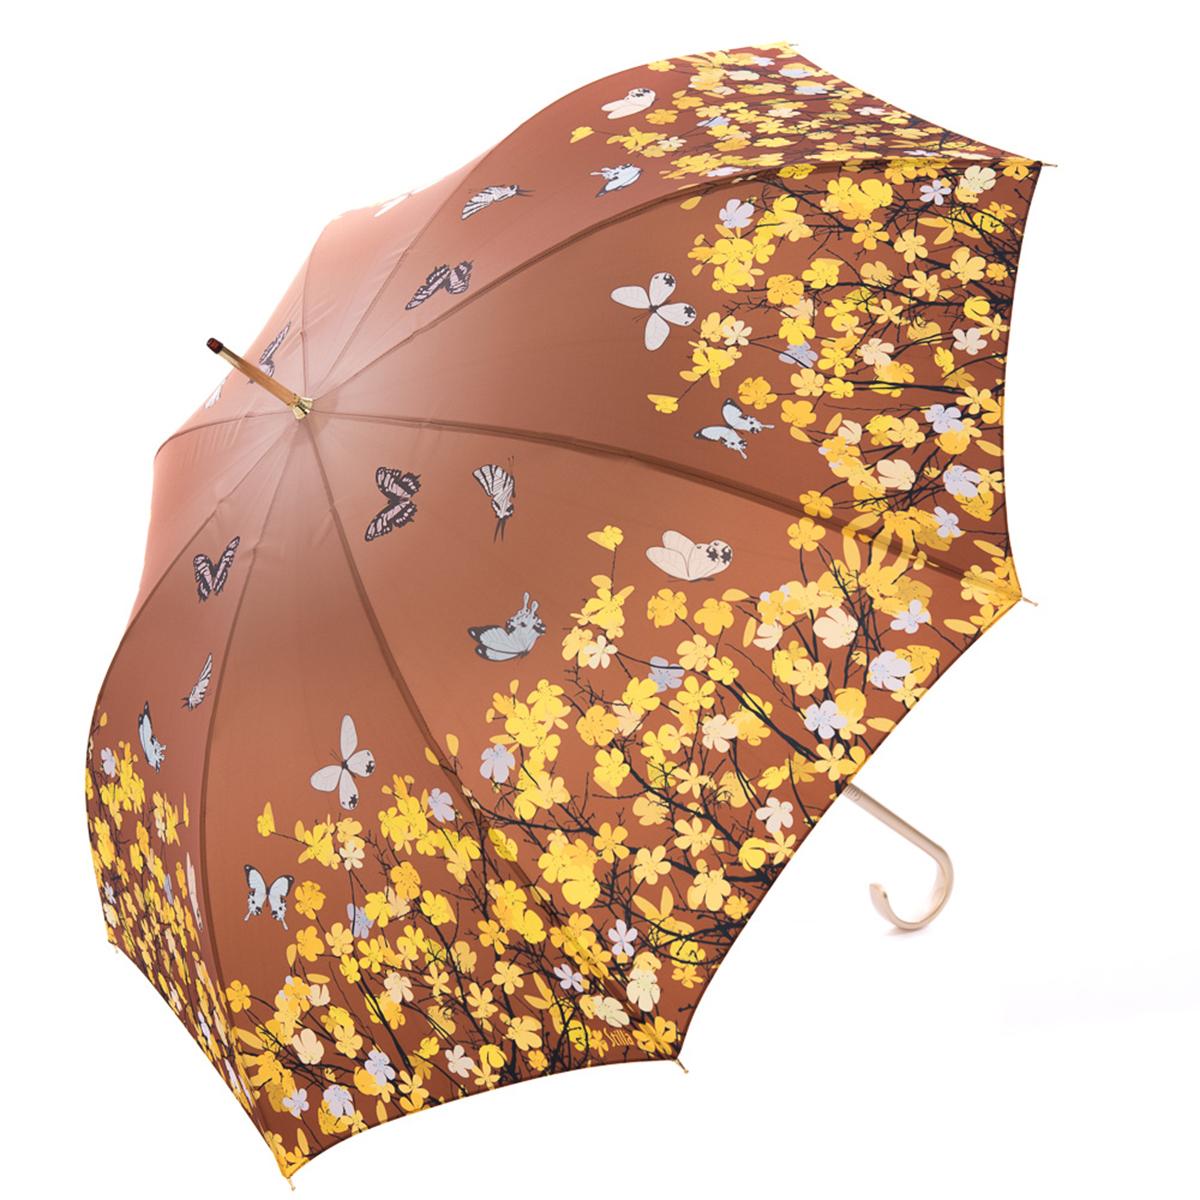 Зонт-трость женский Stilla, цвет: коричневый, желтый. 741/1 auto2591АЗонт-трость Stilla надежно защитит вас от дождя. Купол, оформленный оригинальным принтом, выполнен из высококачественного ПВХ, который не пропускает воду.Каркас зонта и спицы выполнены из высококарбонистой стали. Зонт имеет автоматический тип сложения: открывается и закрывается при нажатии на кнопку. Удобная ручка выполнена из пластика.